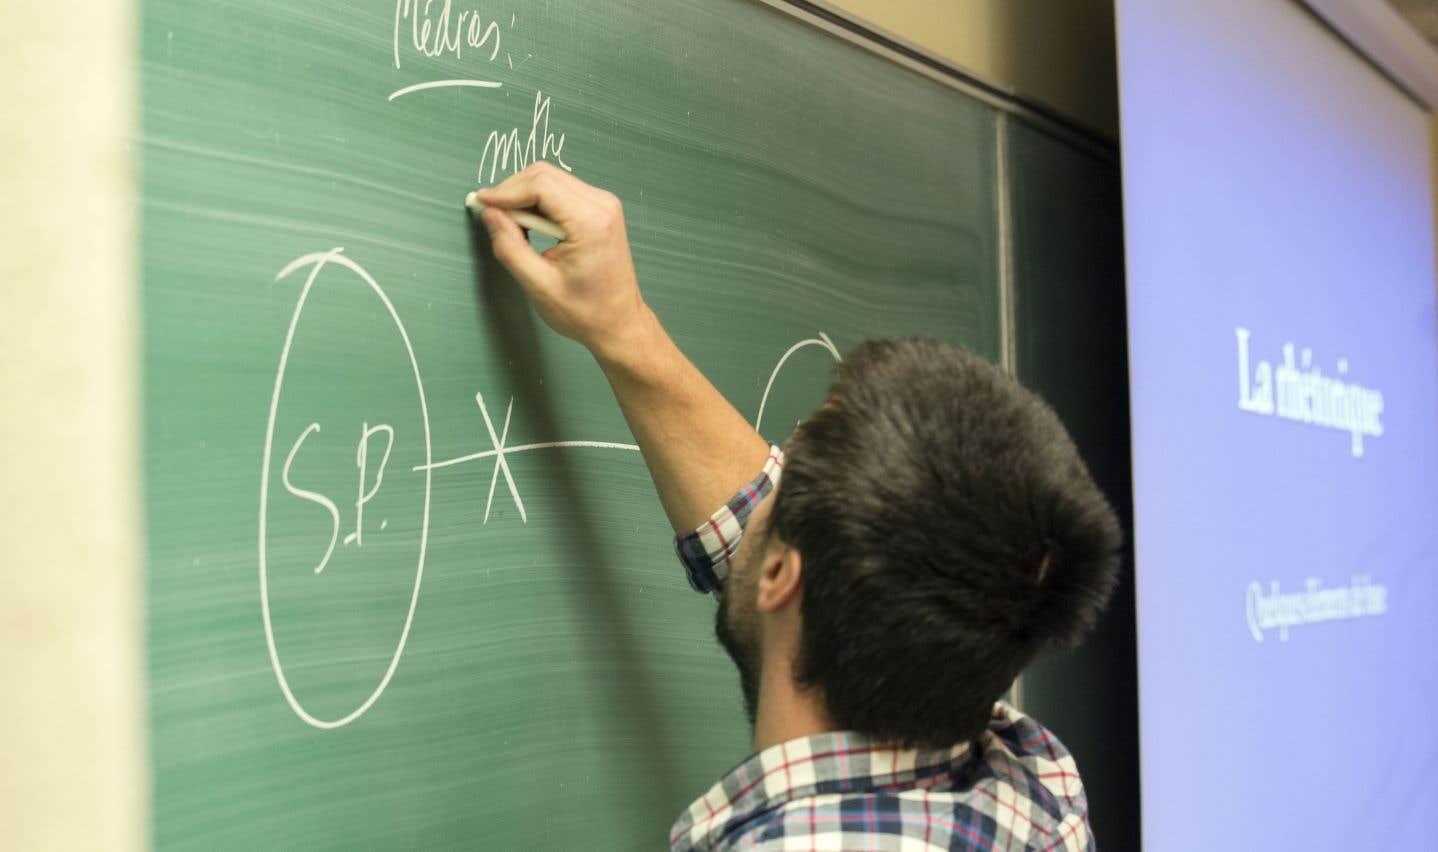 La trop grande quantité d'enseignants s'explique en partie par une baisse de la natalité.